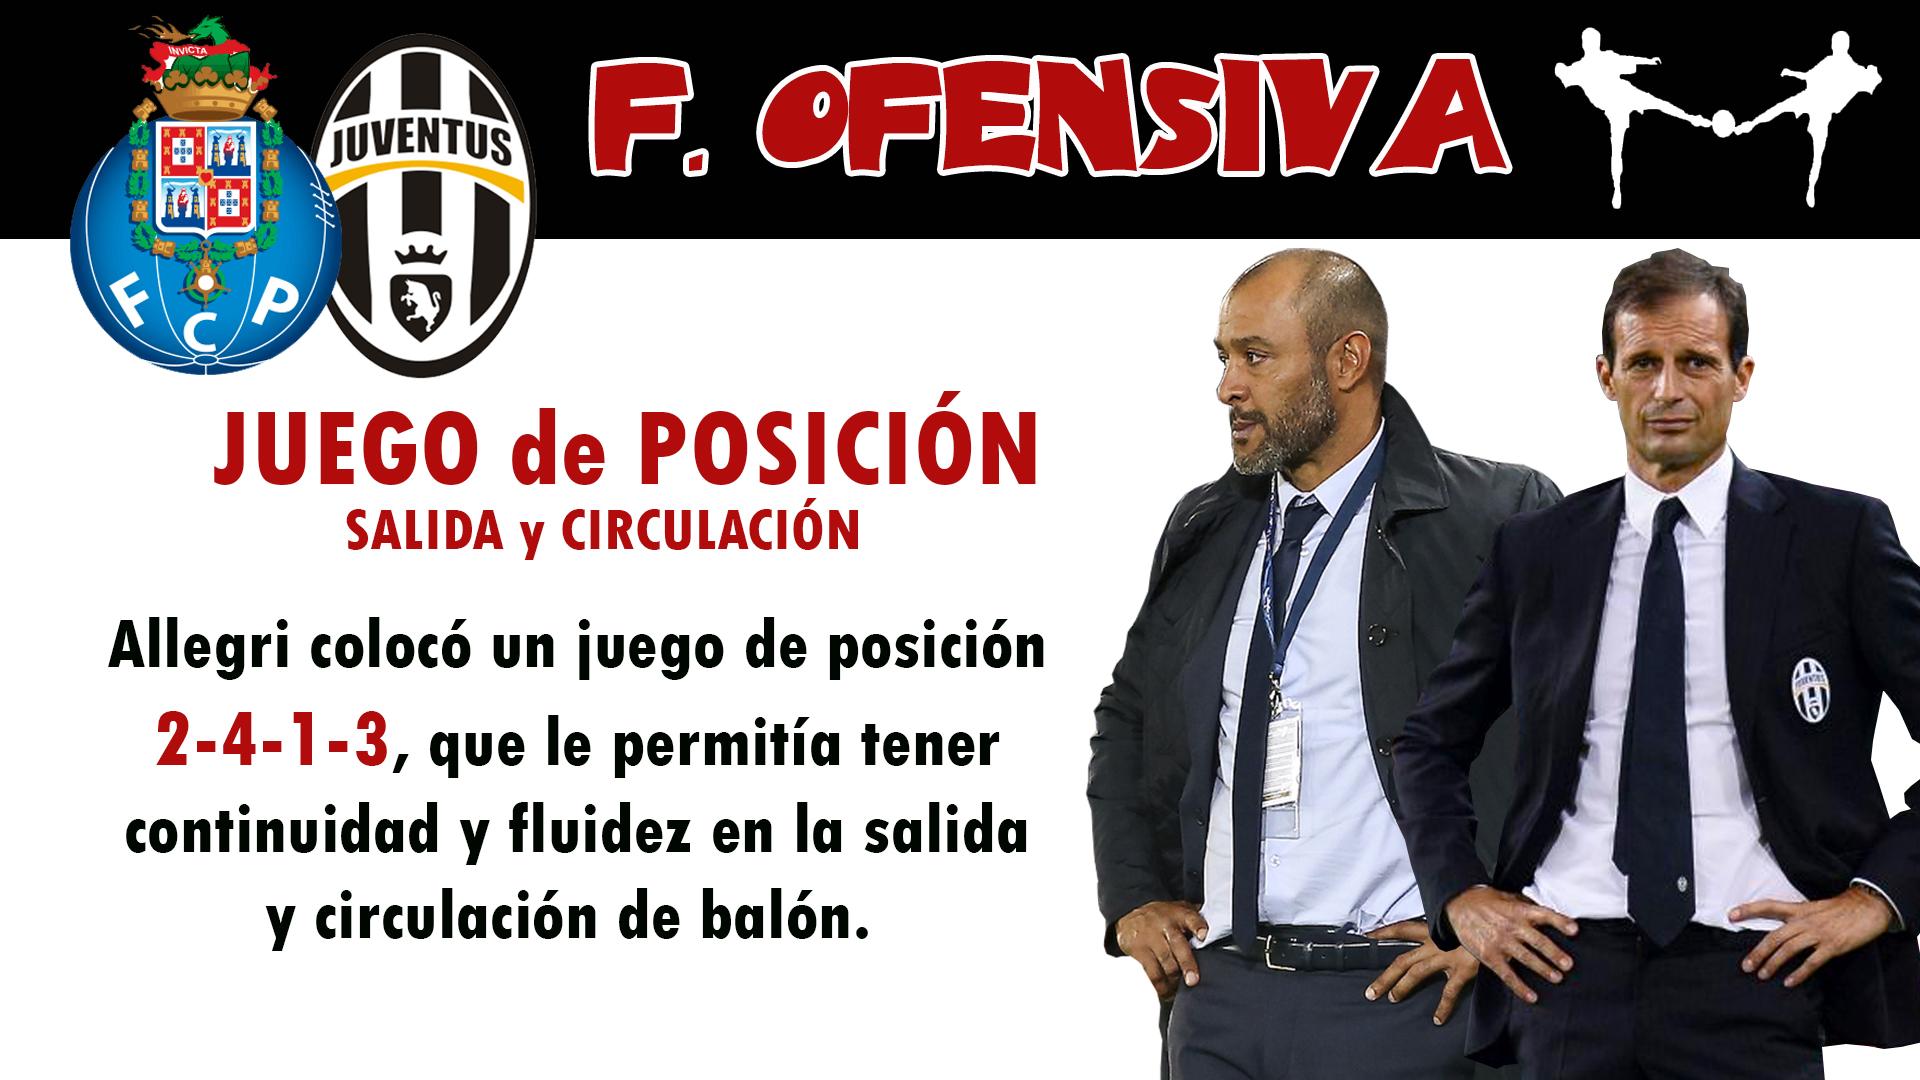 futbolcarrasco nuno allegri juventus oporto champions league entrenador análisis táctico